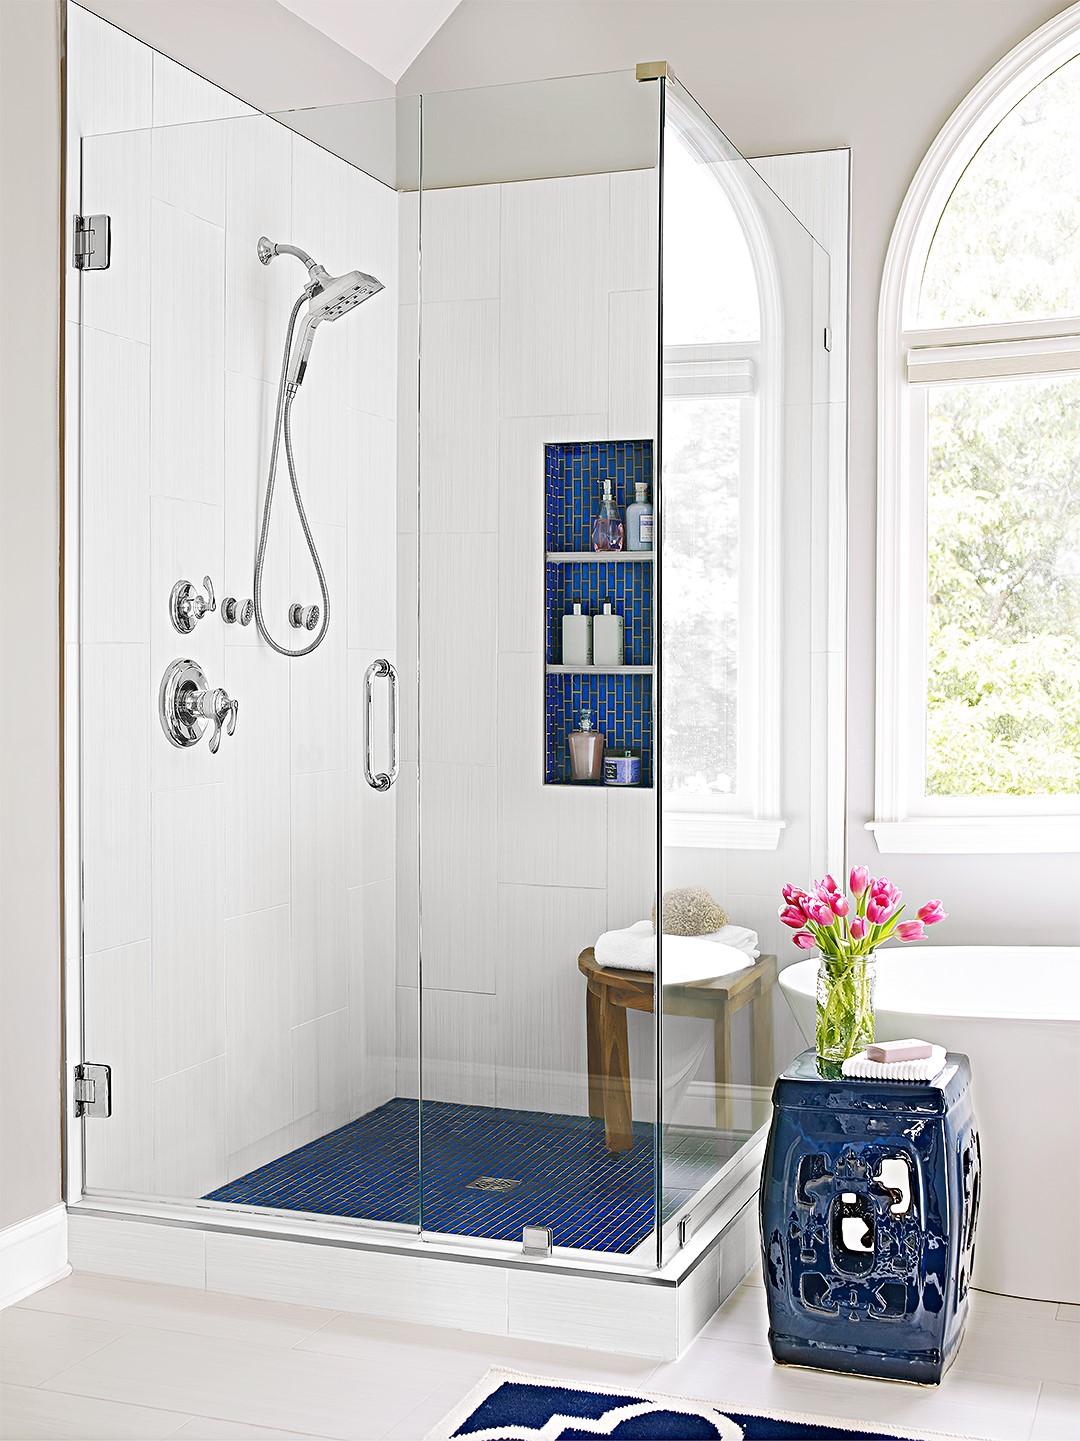 Douchette classique pour votre salle de bains.